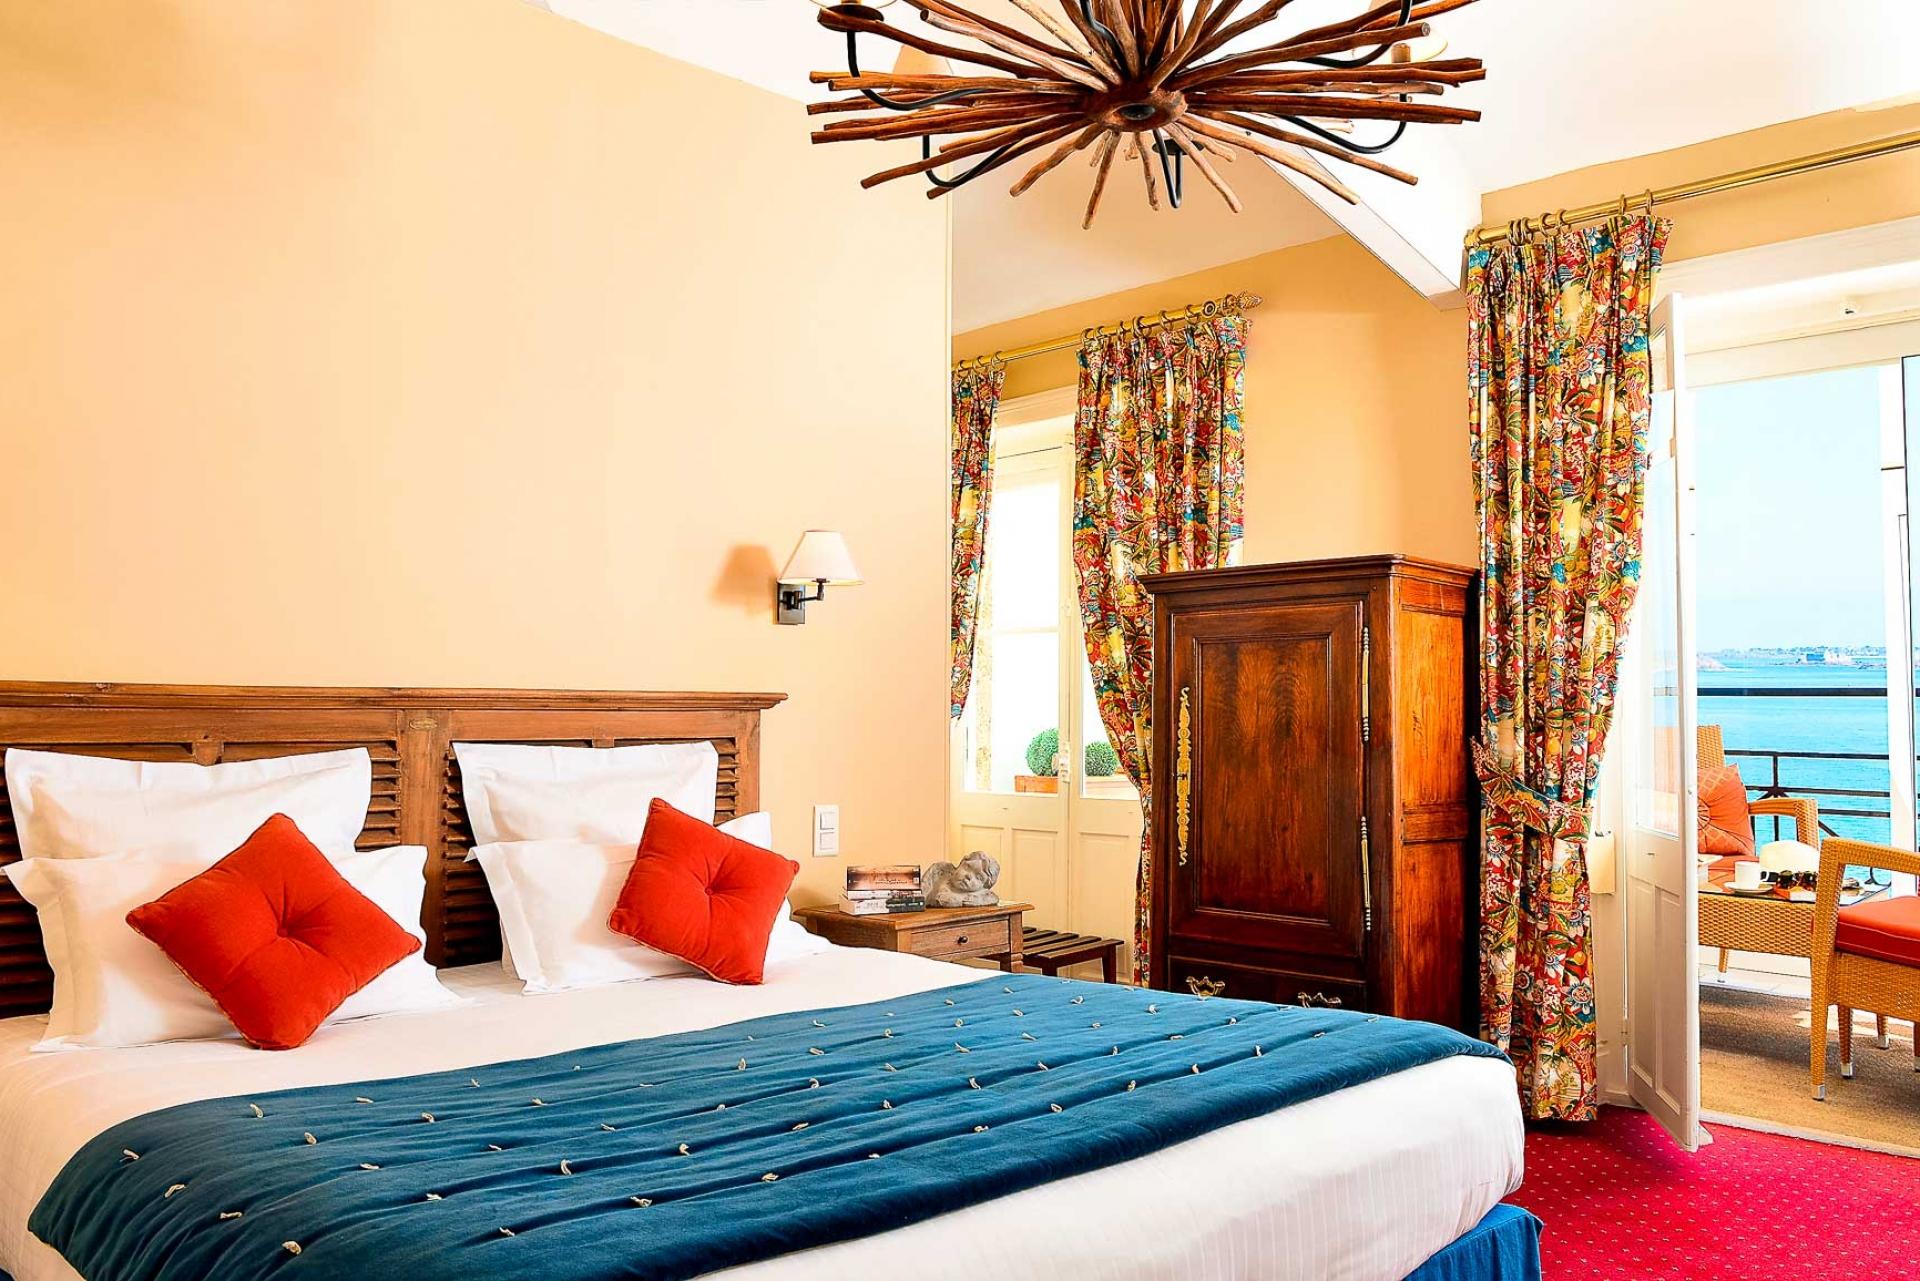 hotel dinard offres sp ciales hotel villa reine hortense. Black Bedroom Furniture Sets. Home Design Ideas